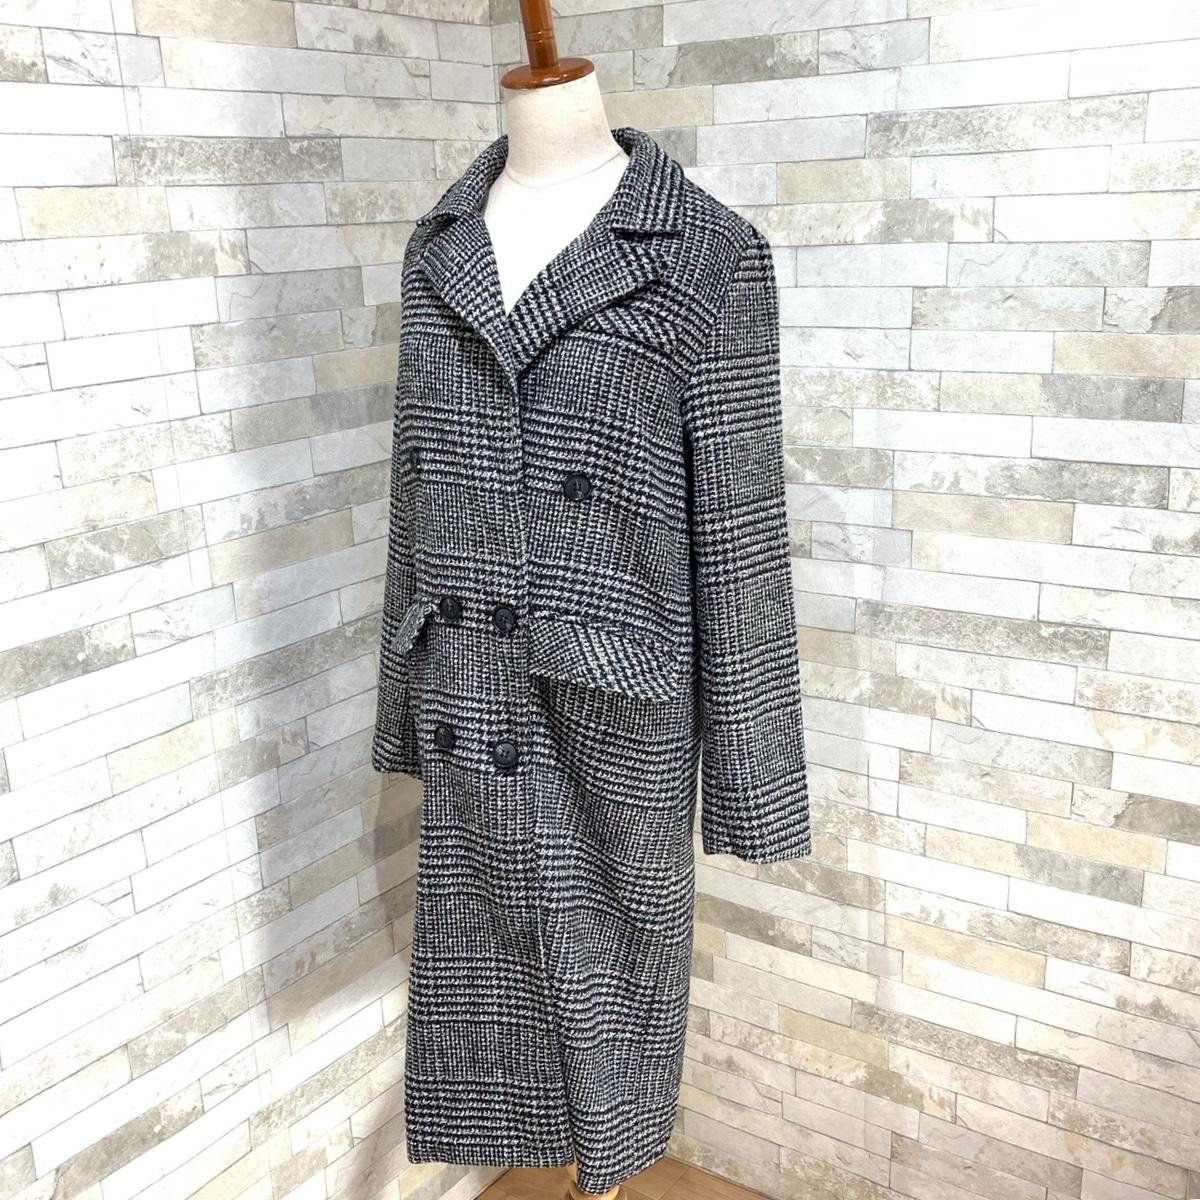 【即納】韓国 ファッション アウター コート 秋 冬 カジュアル SPTXD248  グレンチェック ダブル ロング チェスター オフィス エレガント オルチャン シンプル 定番 セレカジの写真5枚目